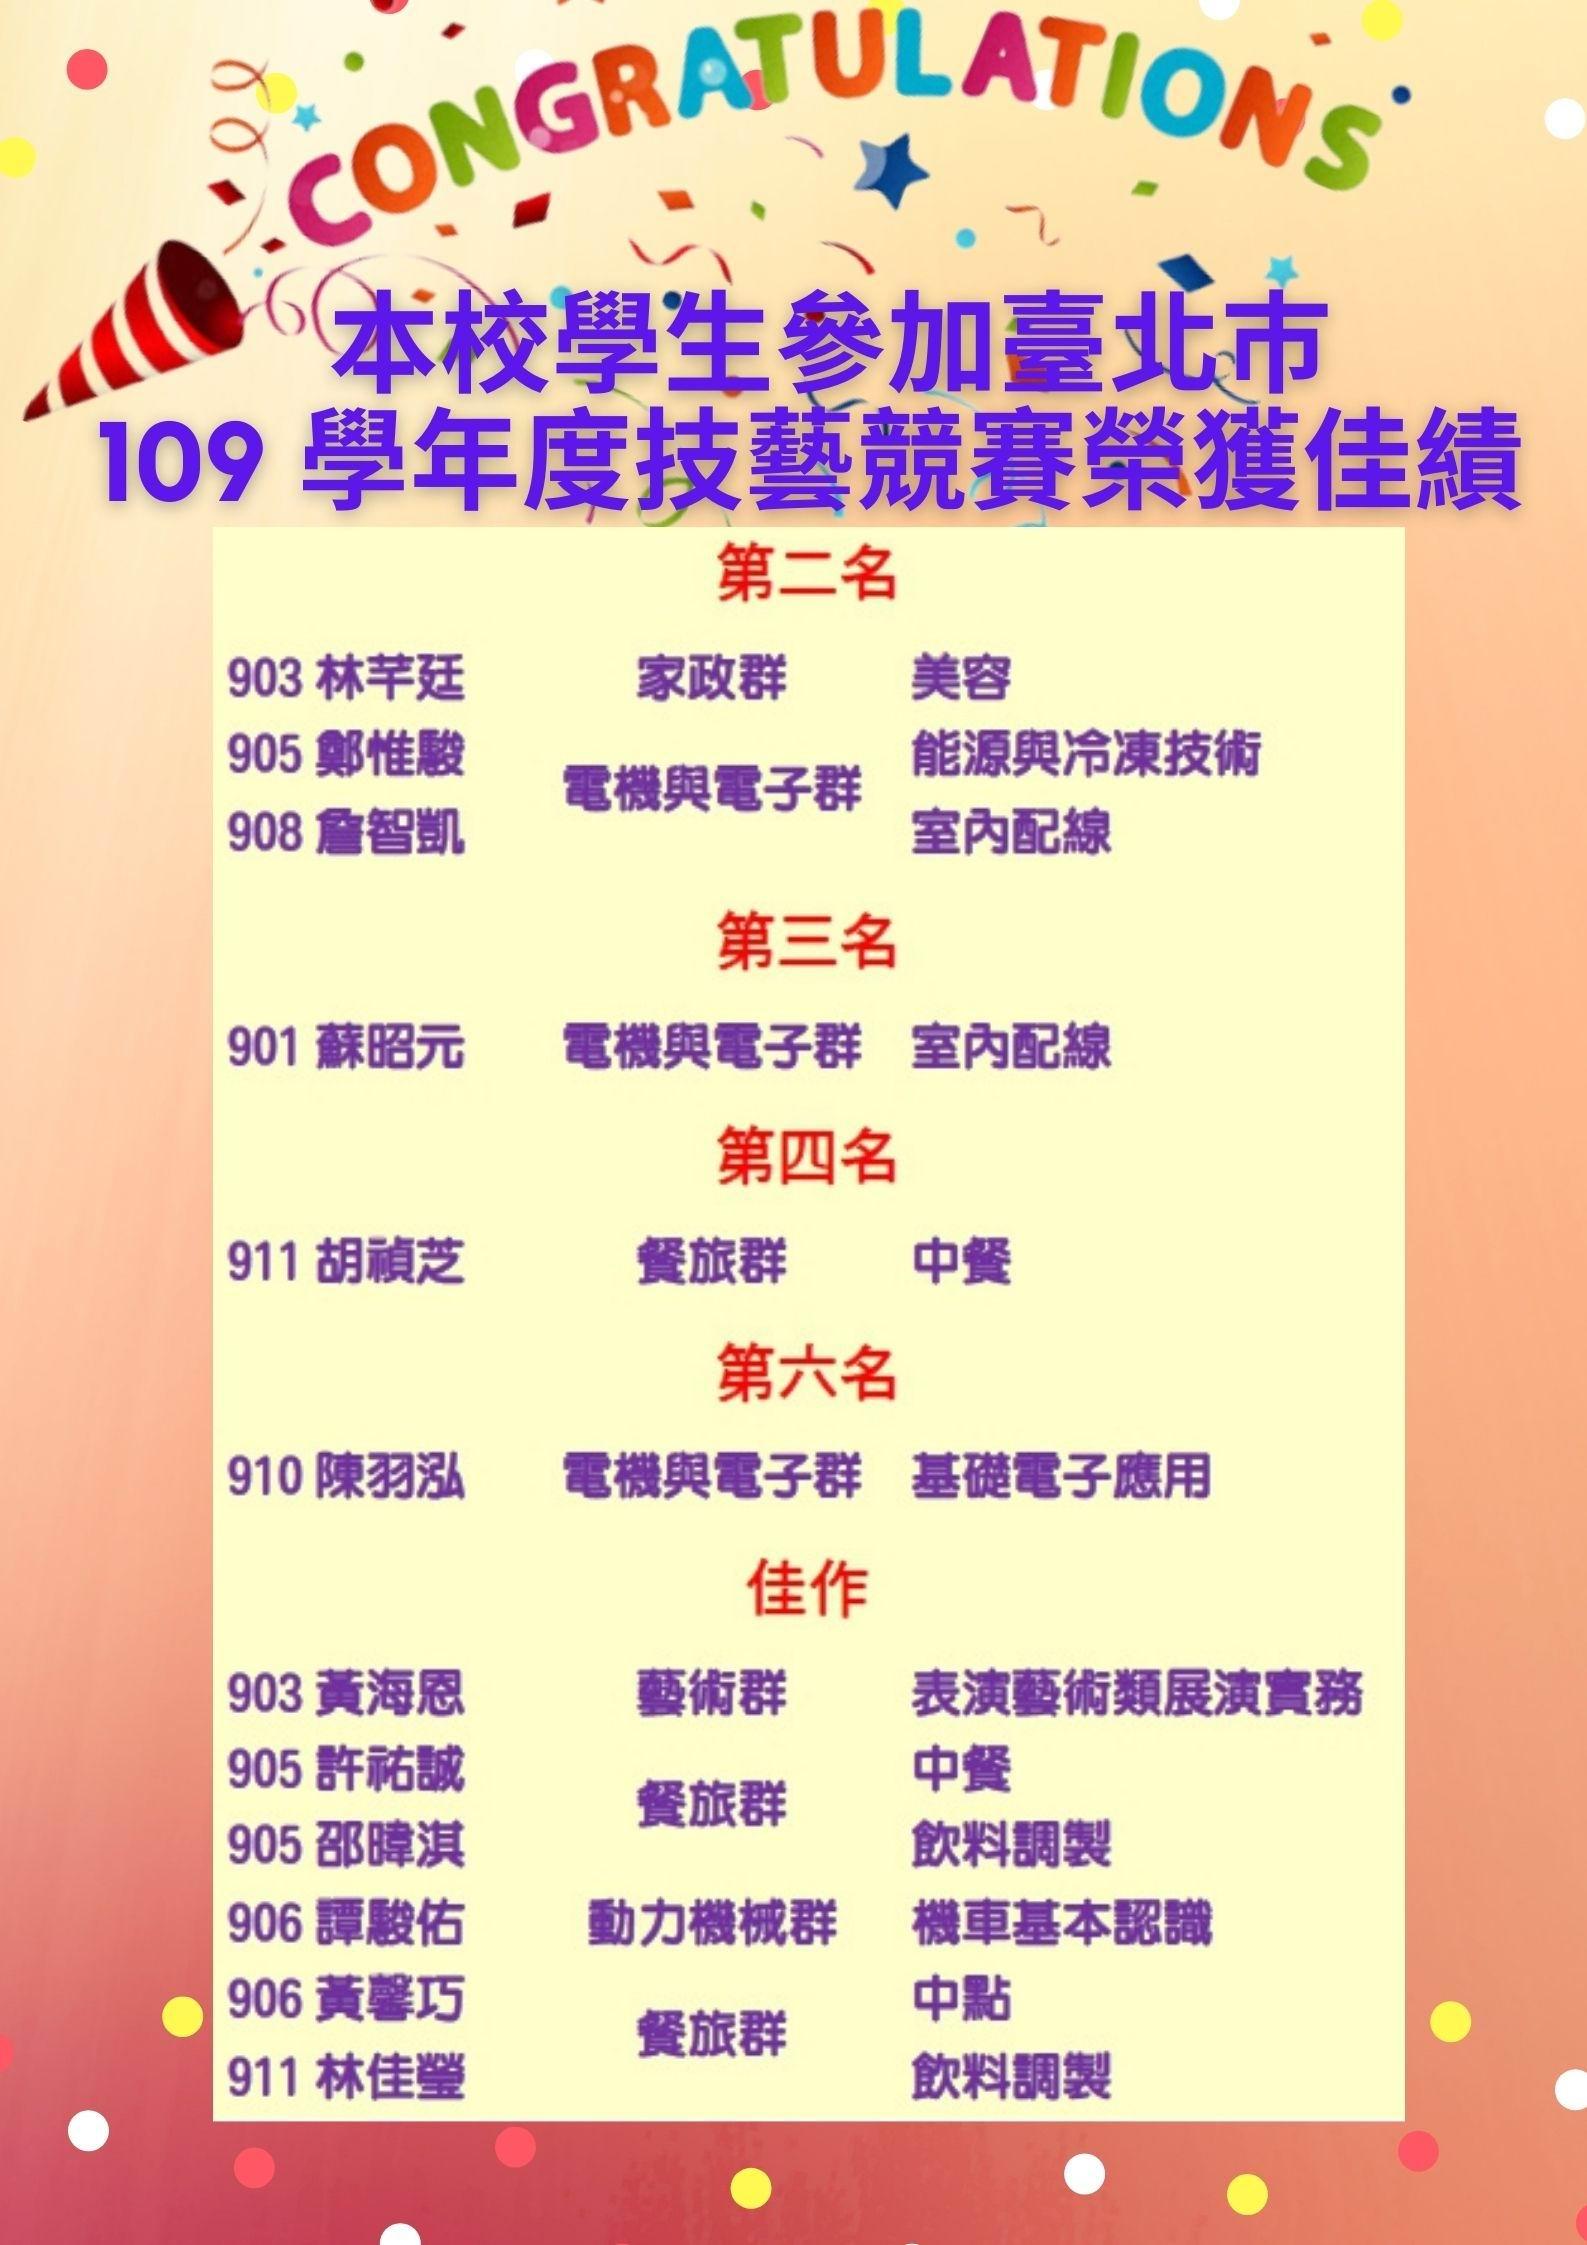 參加臺北巿109學年度國中技藝競賽榮獲佳績代表照片